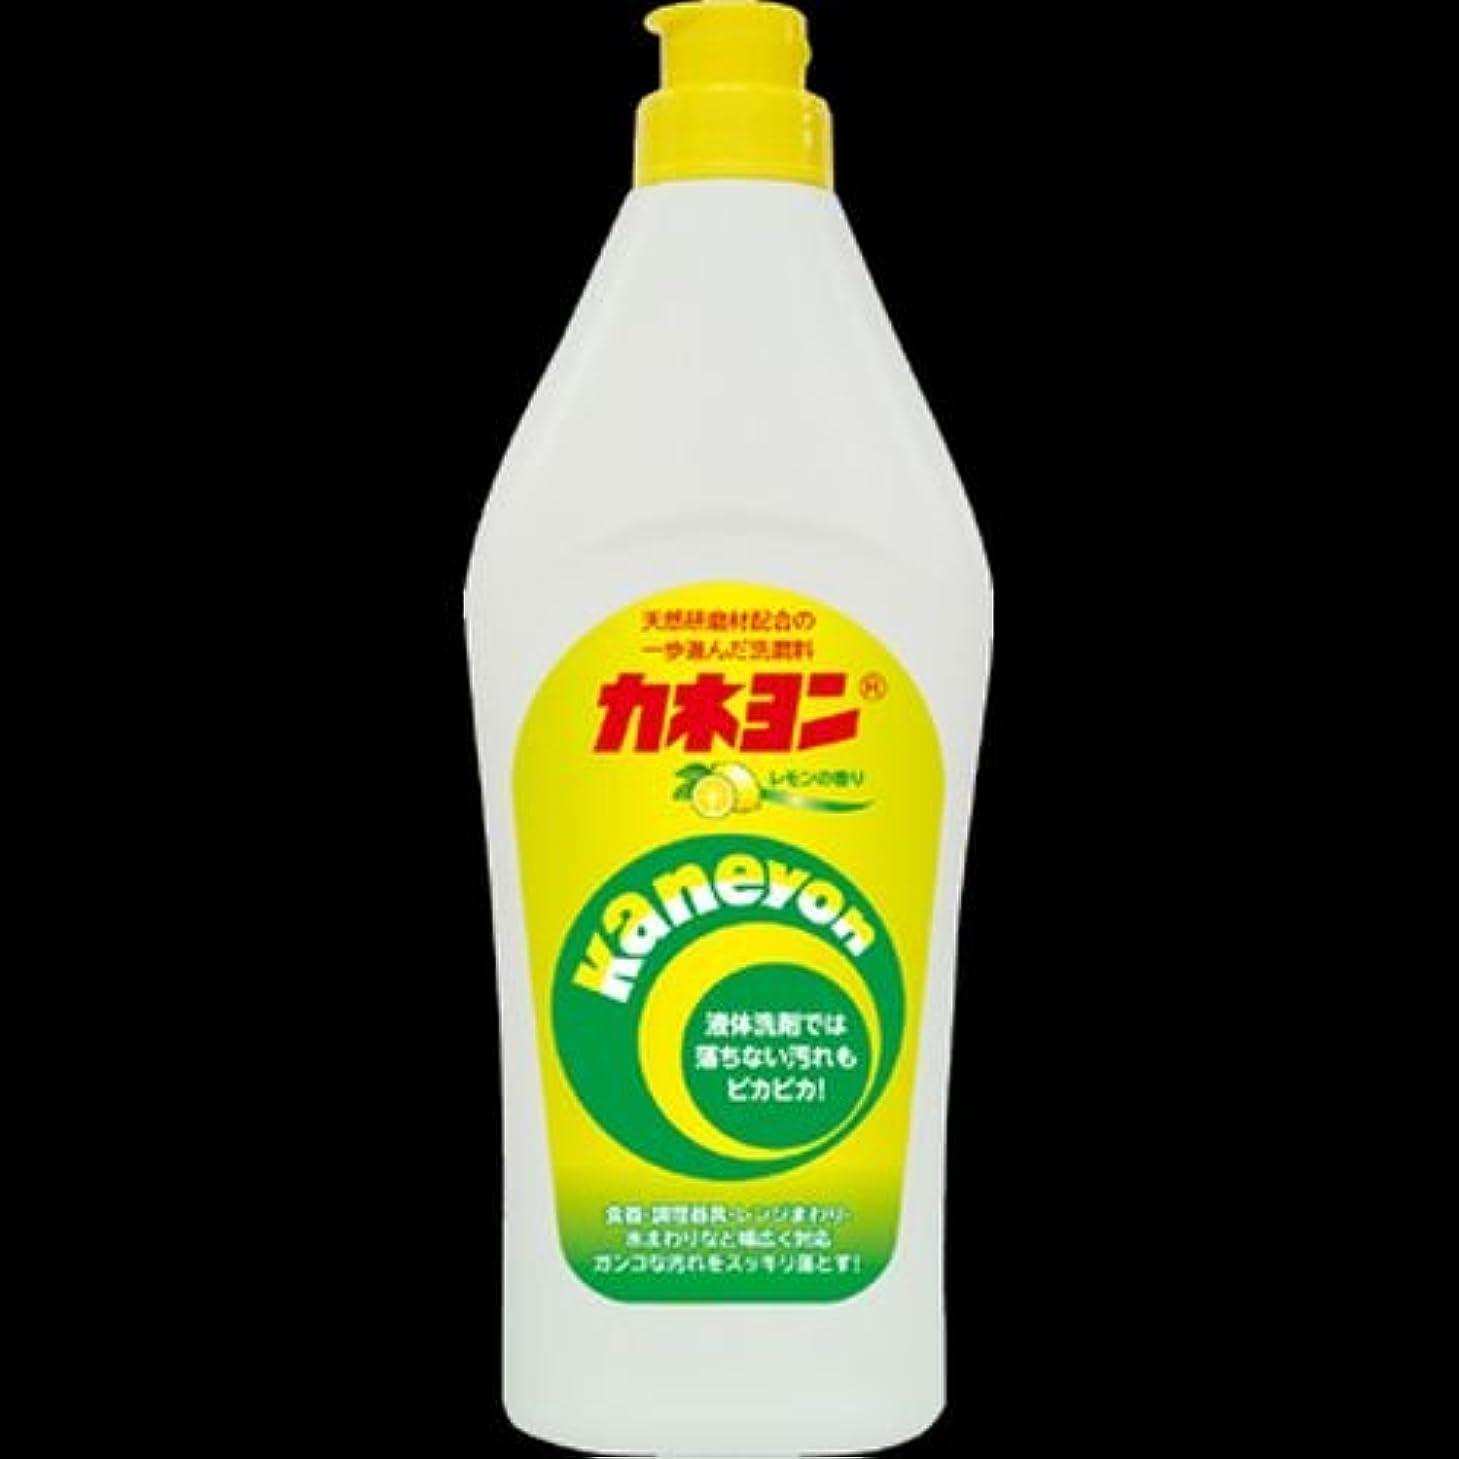 ラジエーター配偶者ひまわり【まとめ買い】カネヨ石鹸 カネヨンレモン 550g ×2セット